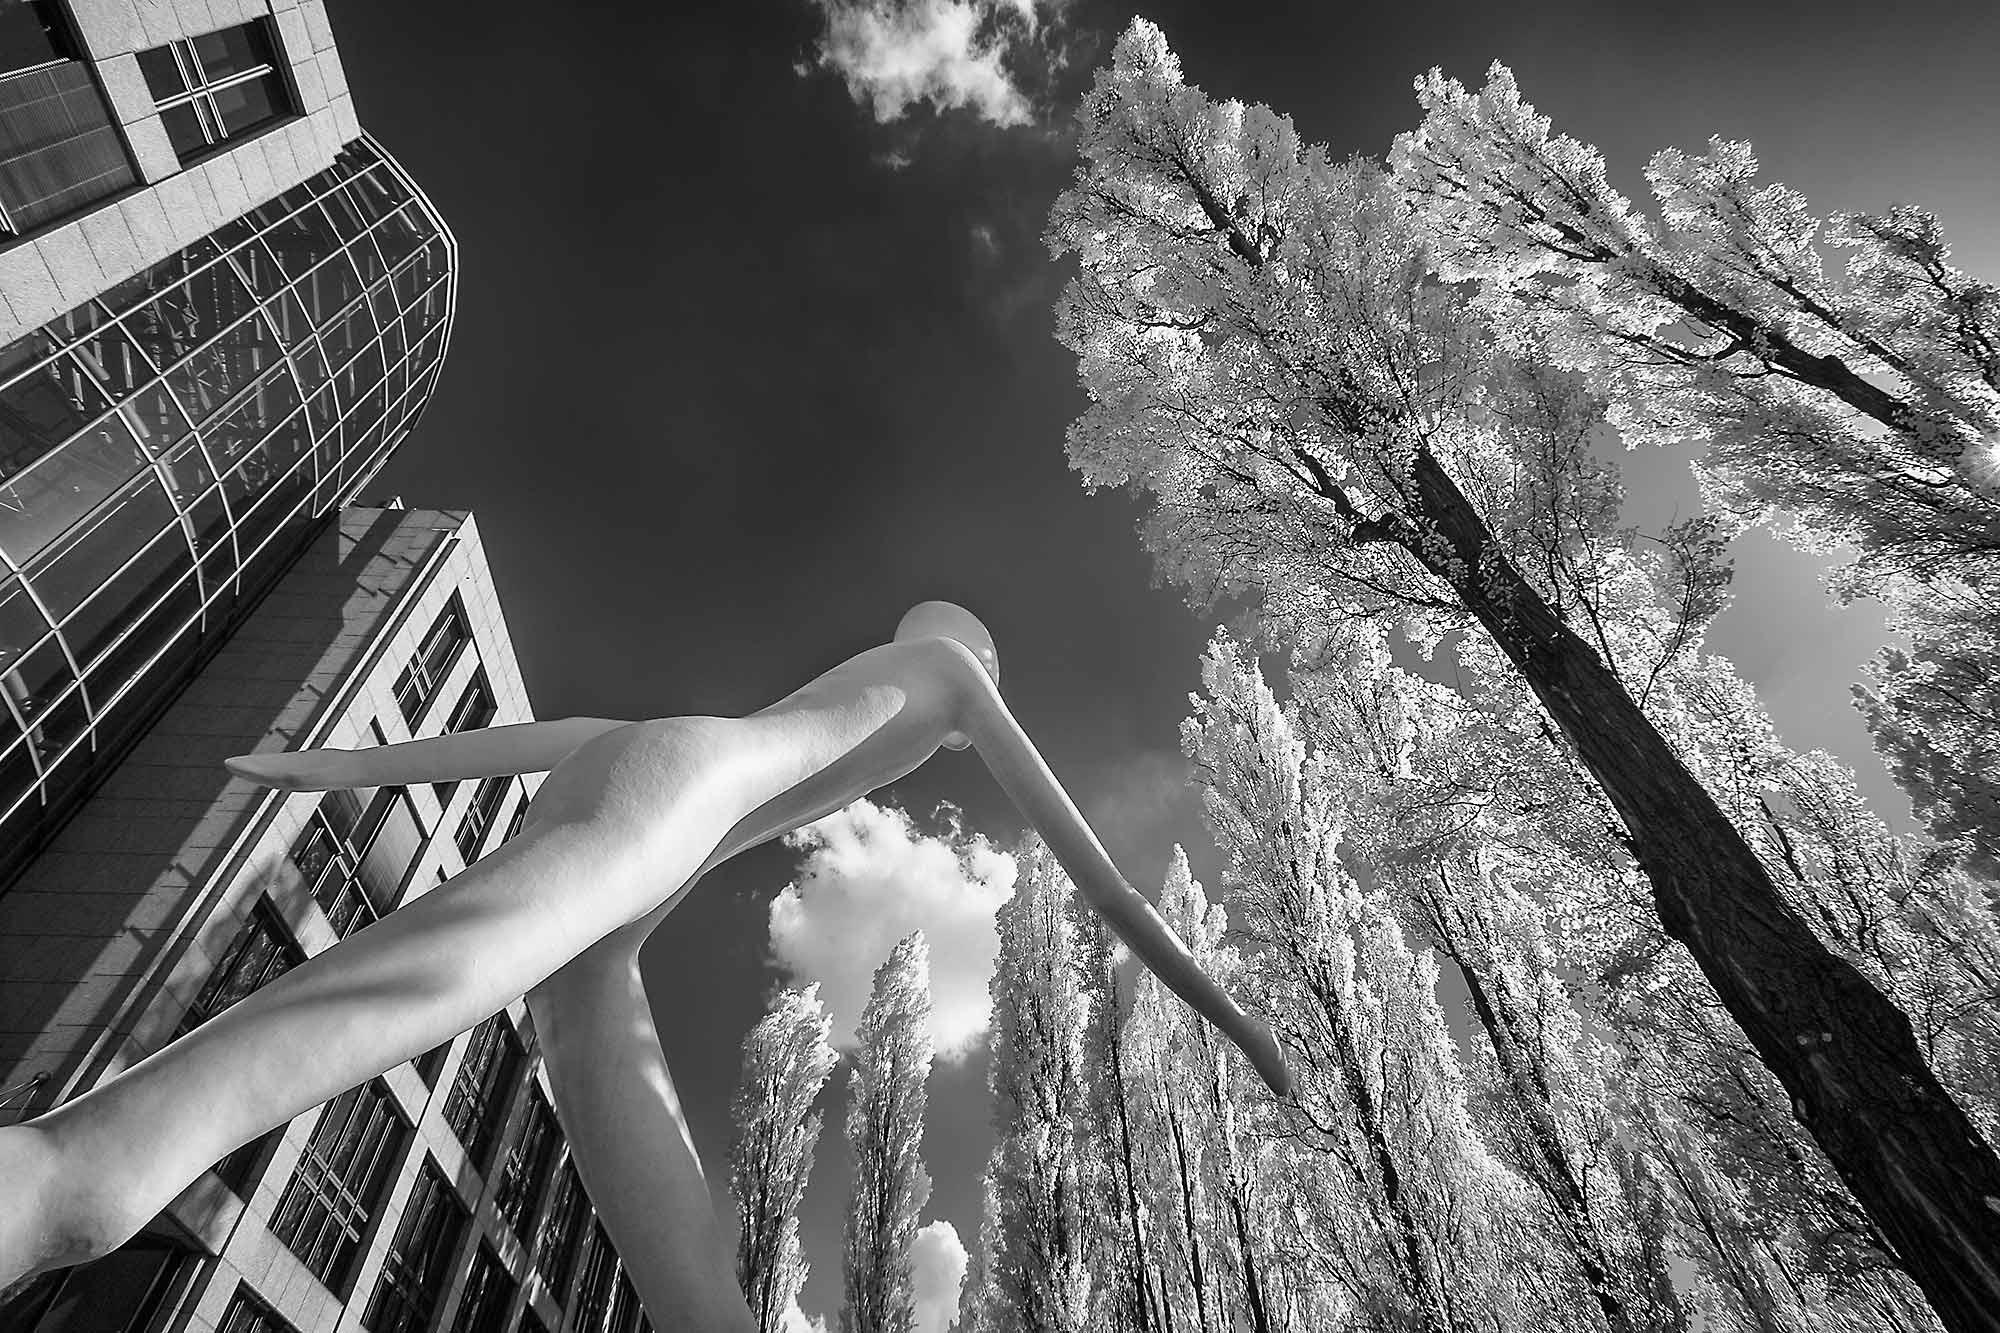 wp-Galerie-infrarot-063